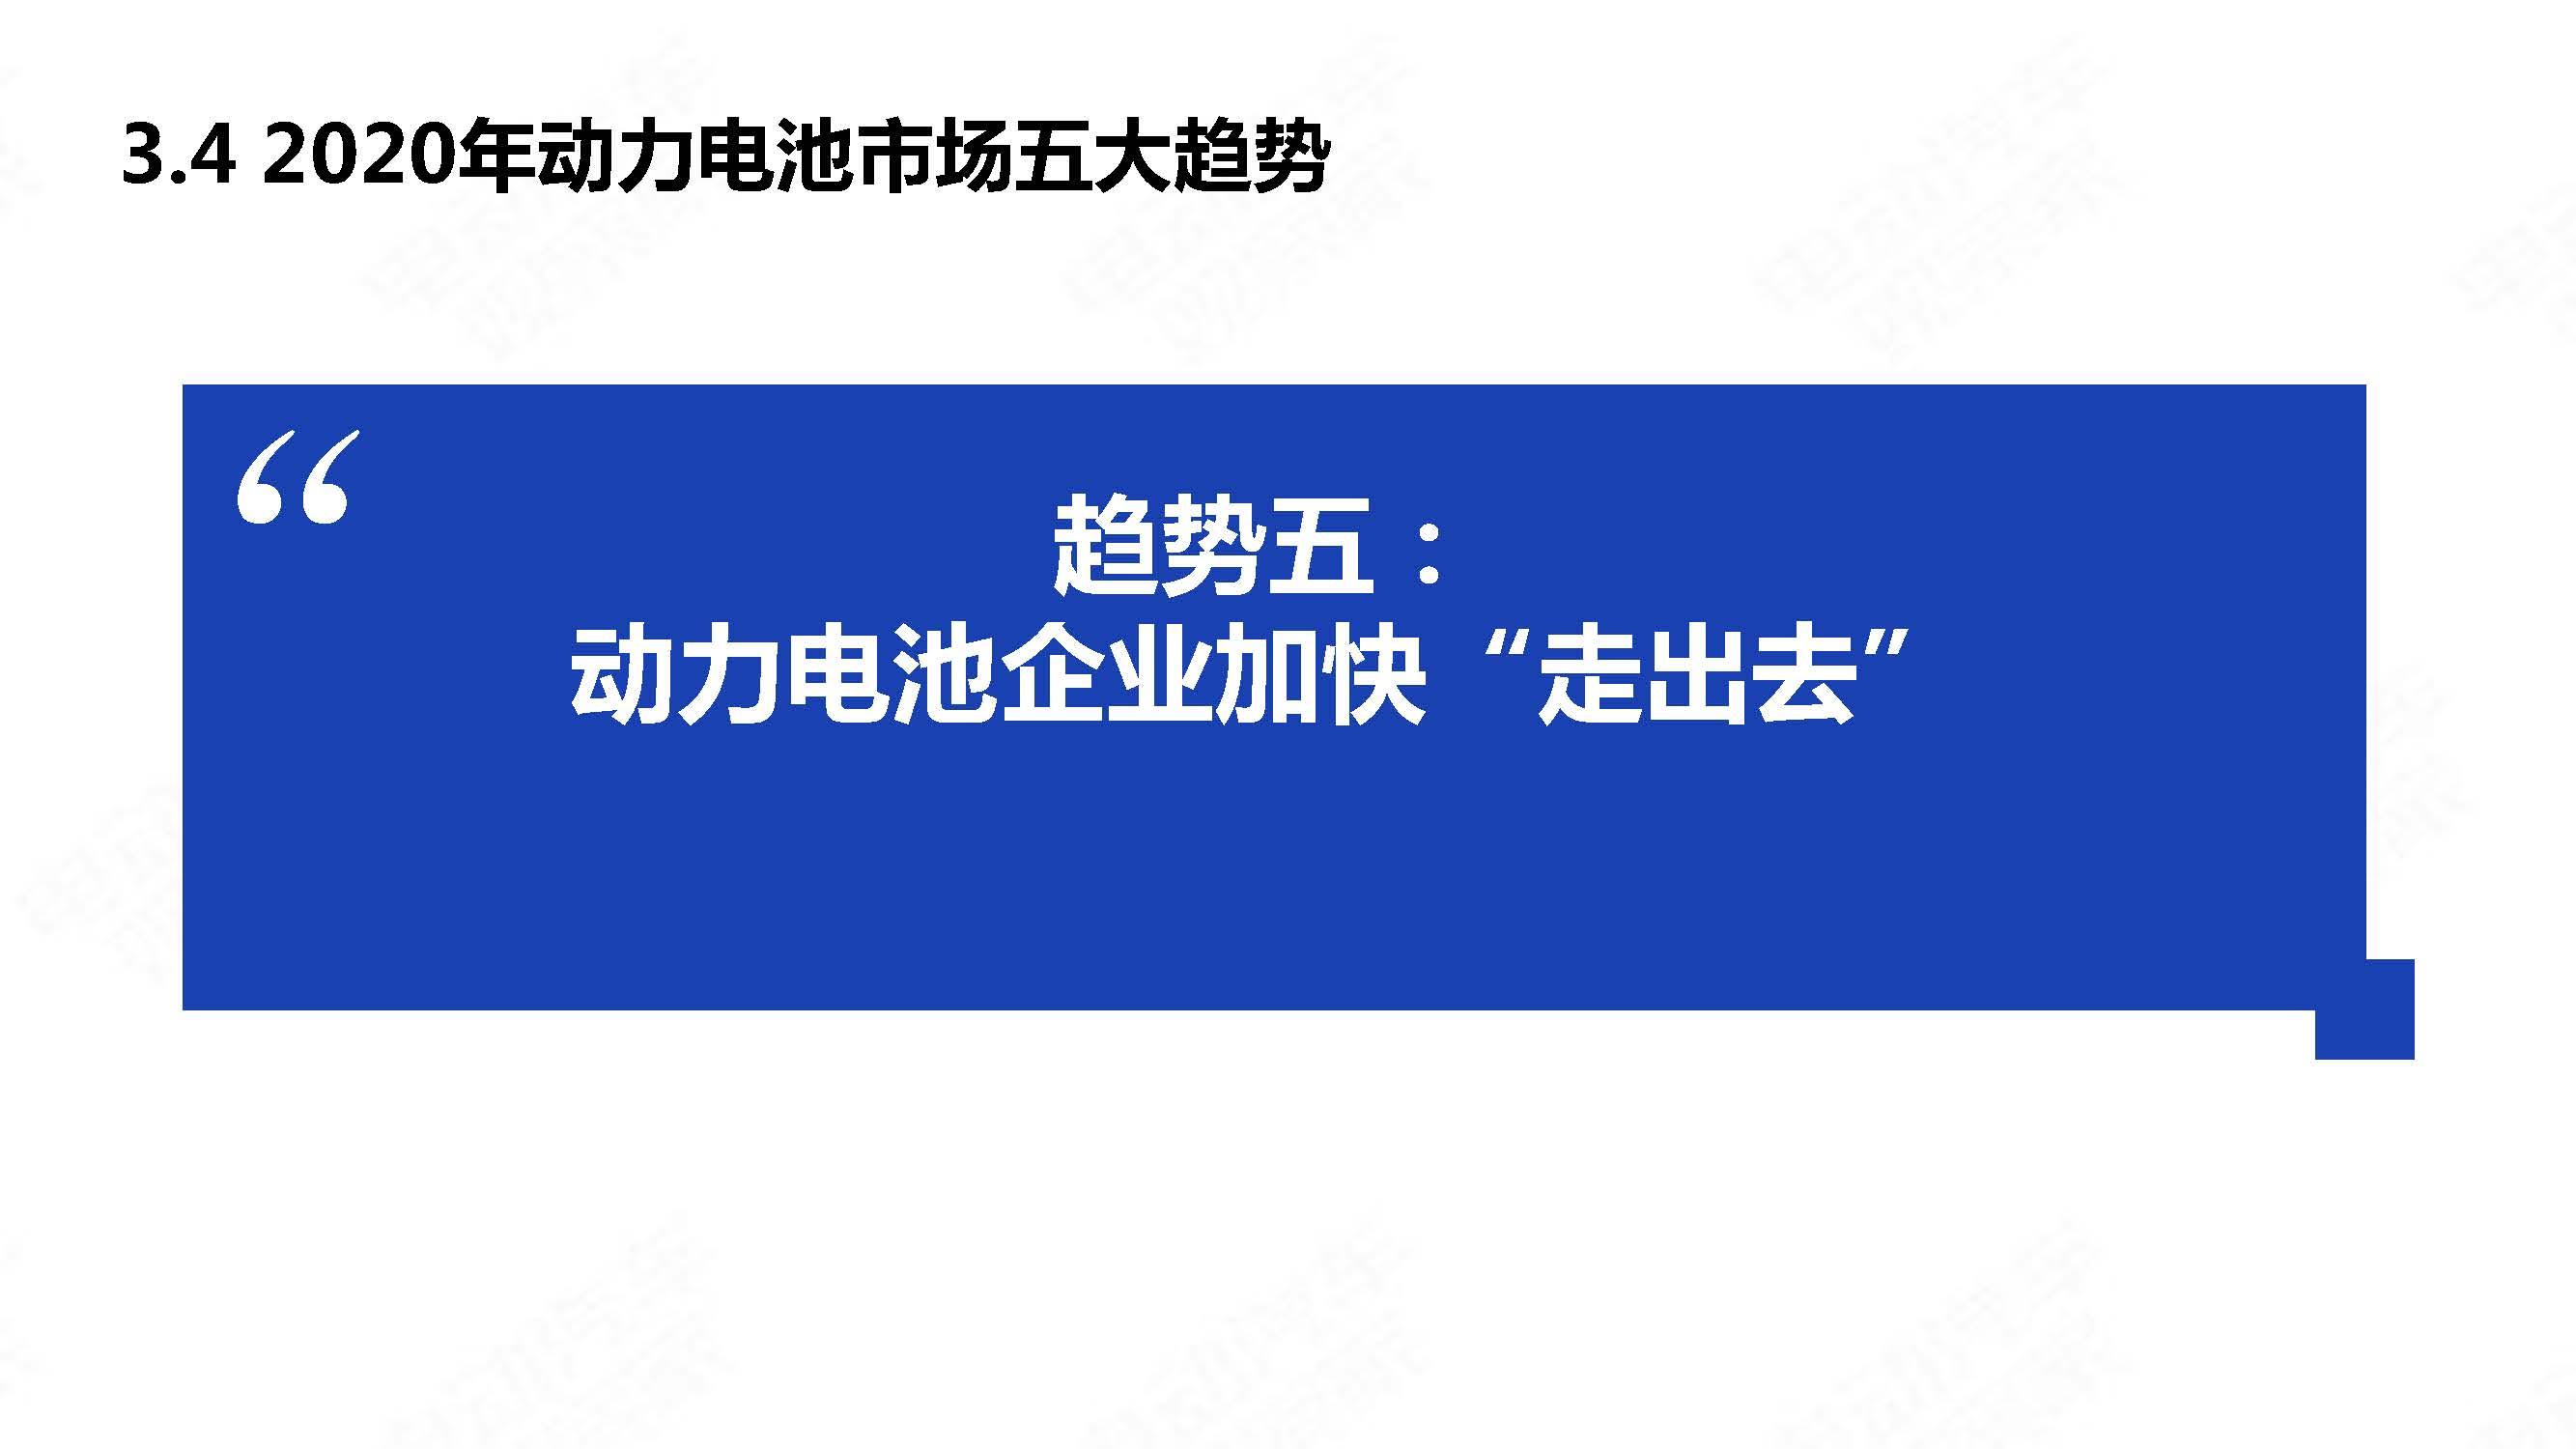 中国新能源汽车产业年度观察2020 简版_页面_39